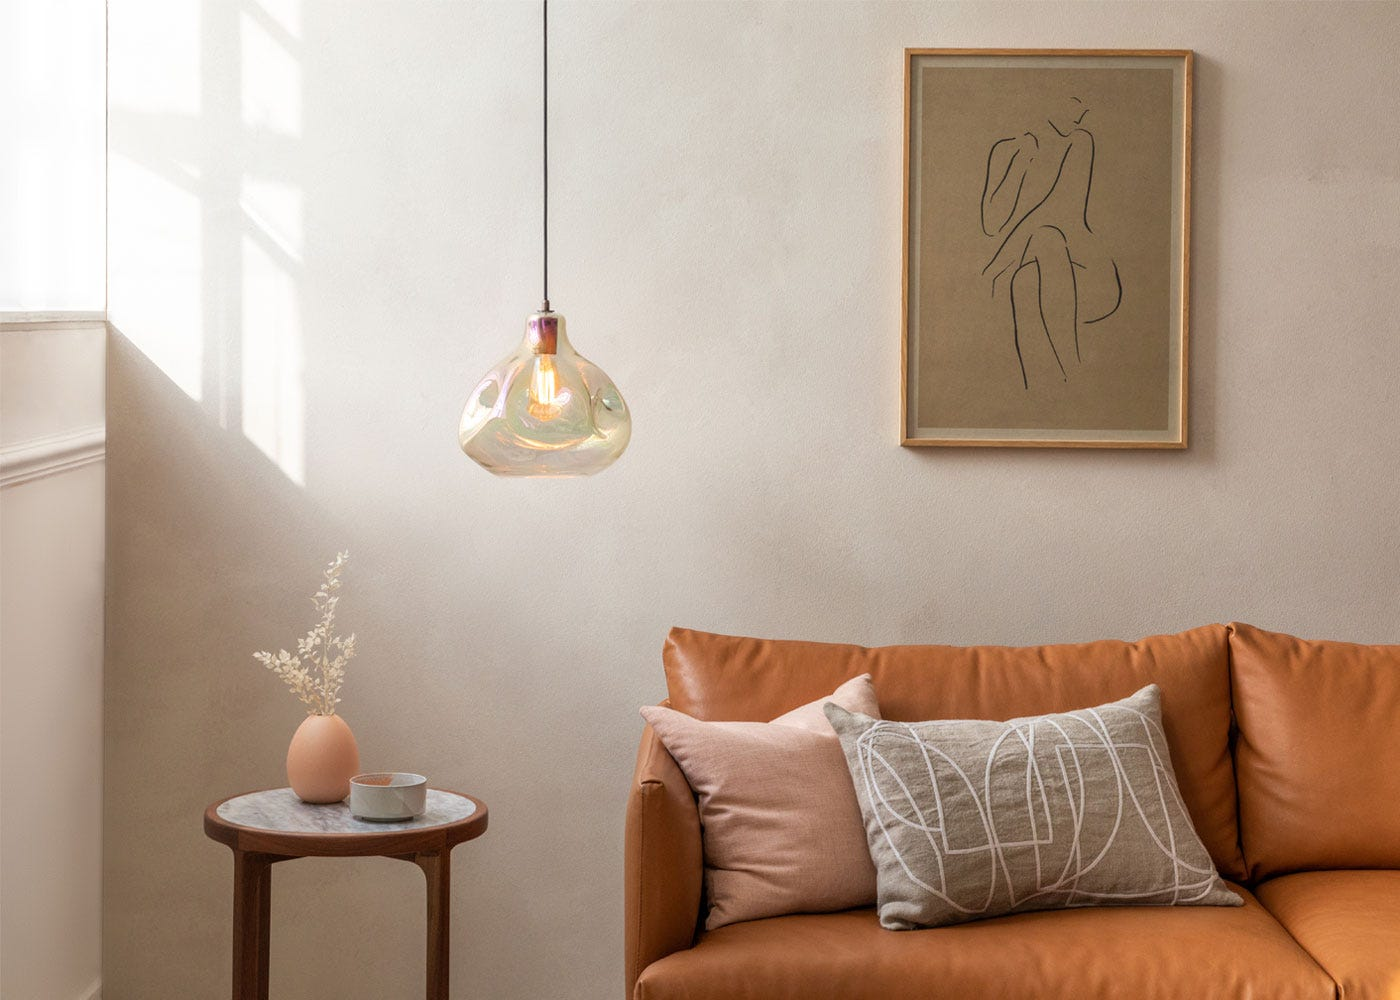 Bolha pendant amber finish, Matera leather sofa, anais marble side table.